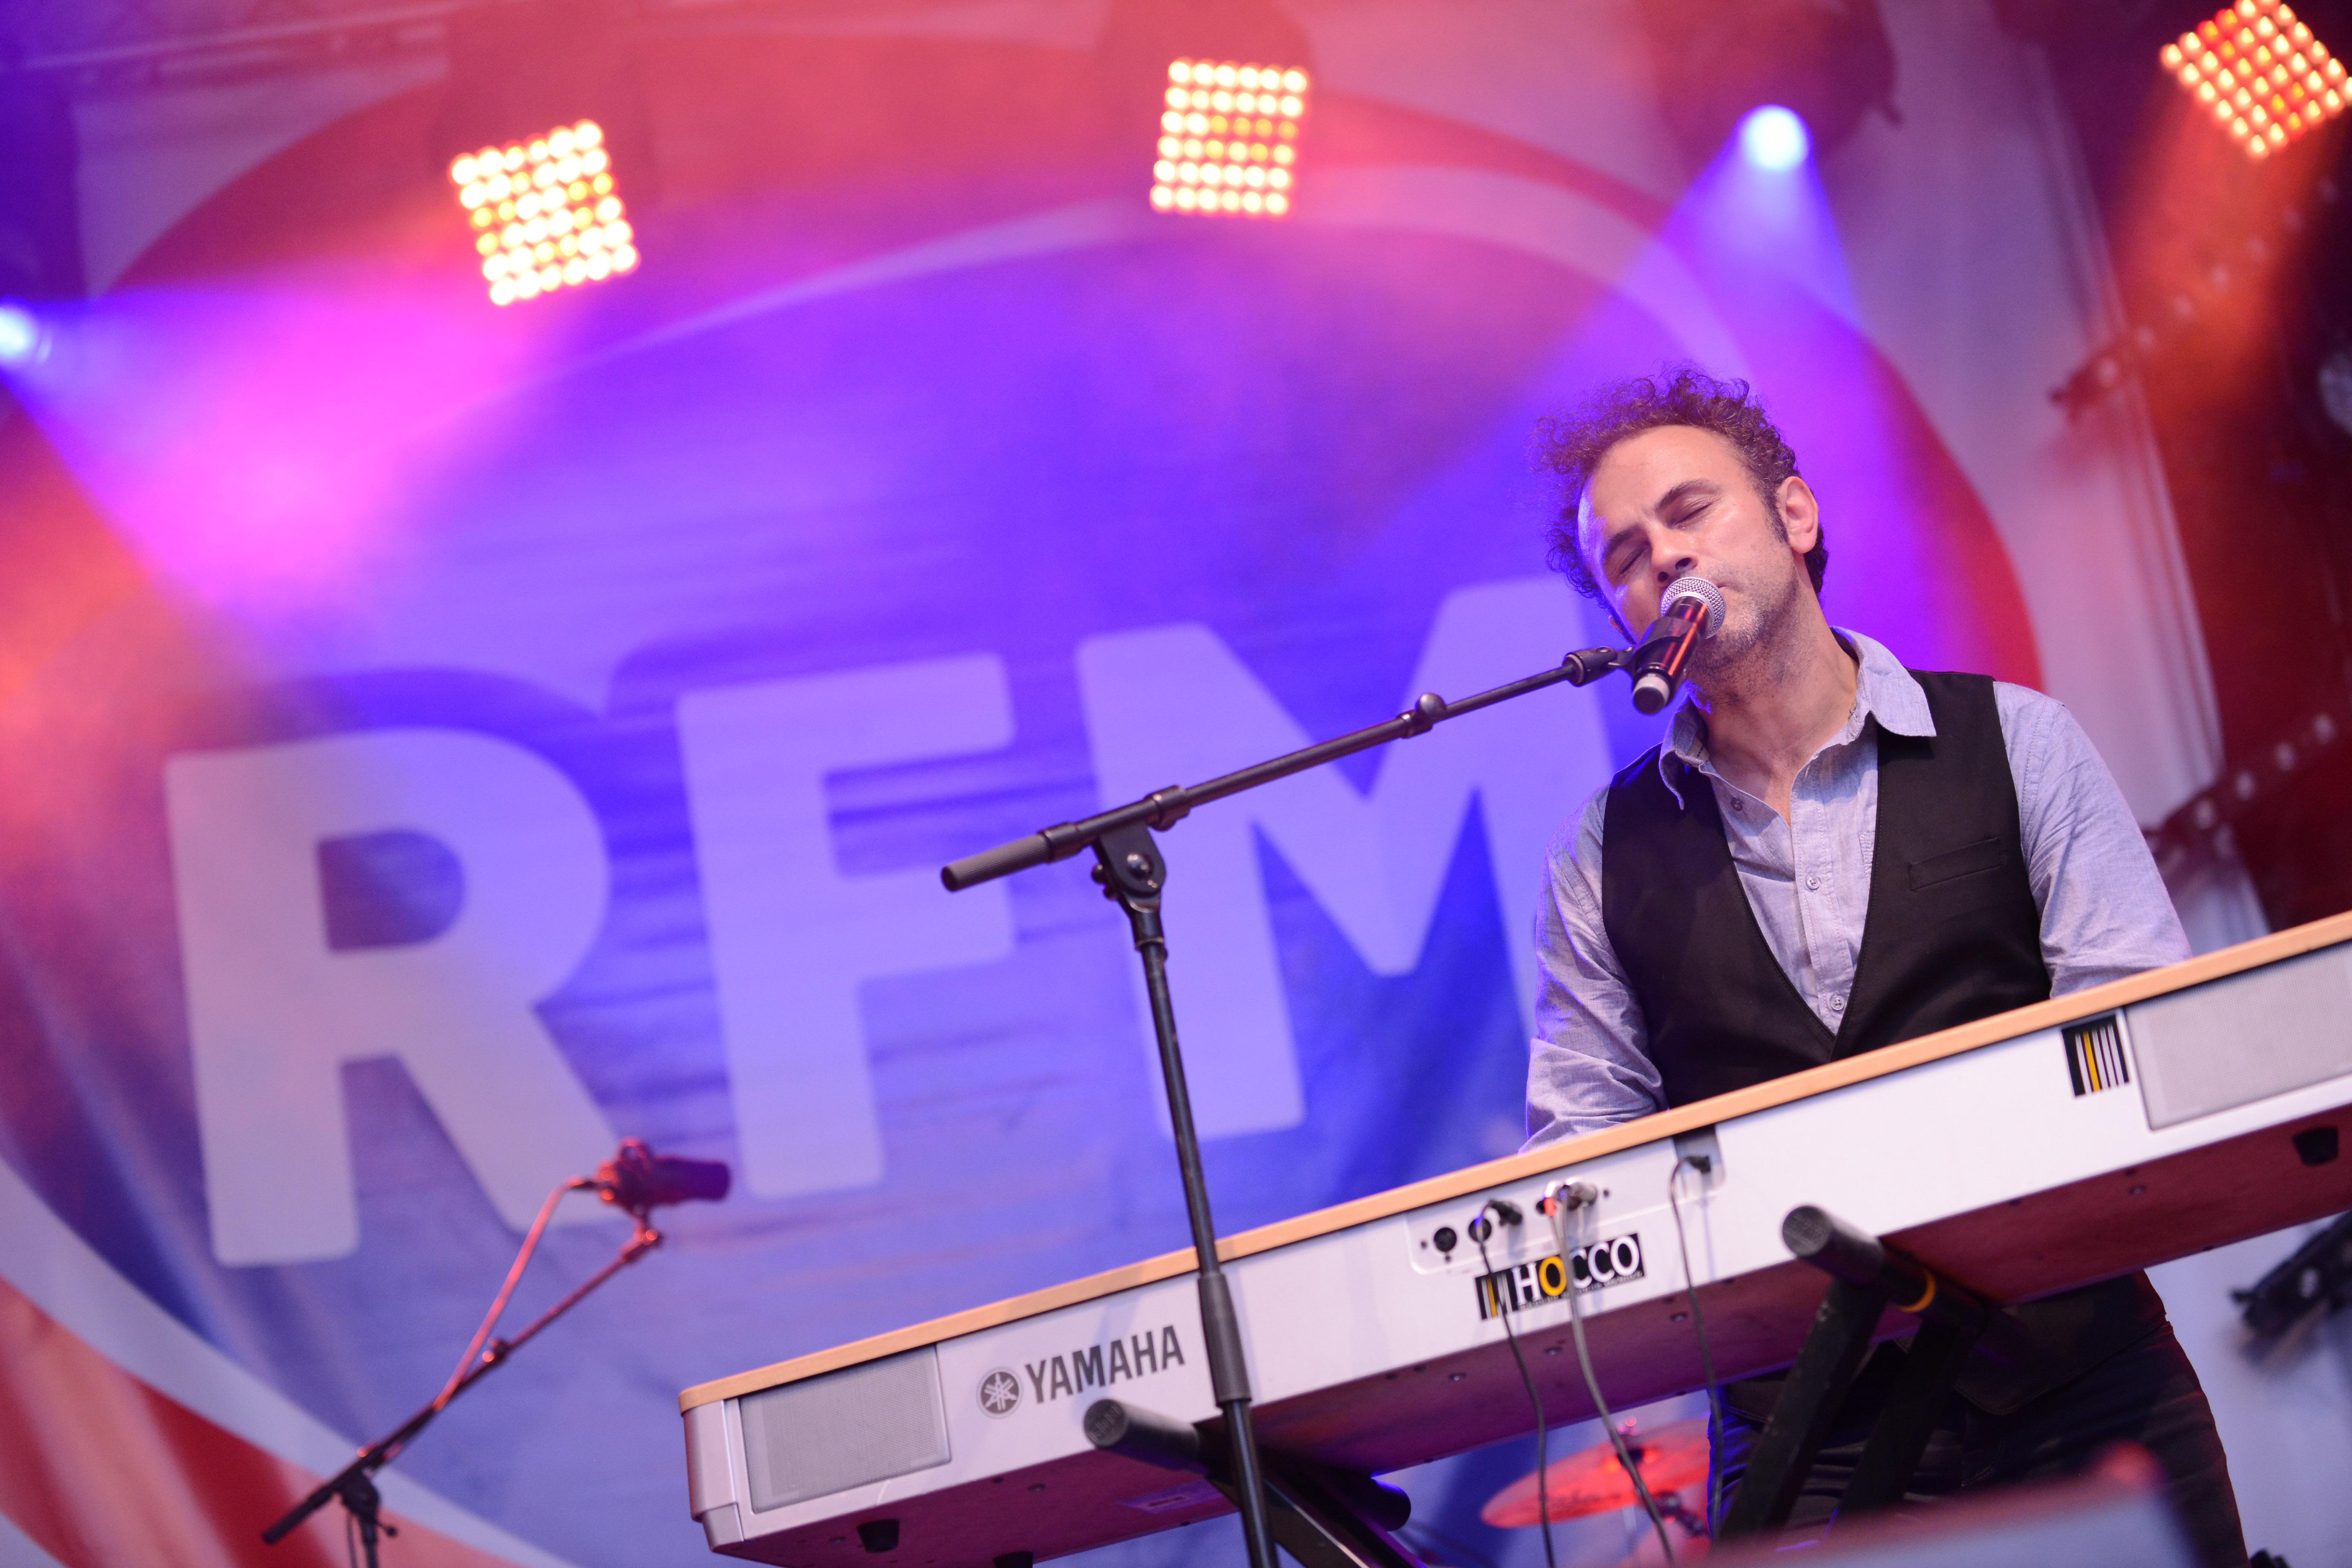 Manuréo, vainqueur de la Révélétion RFM 2014, sur la scène du RFM Summer Live  ® Vision by AG